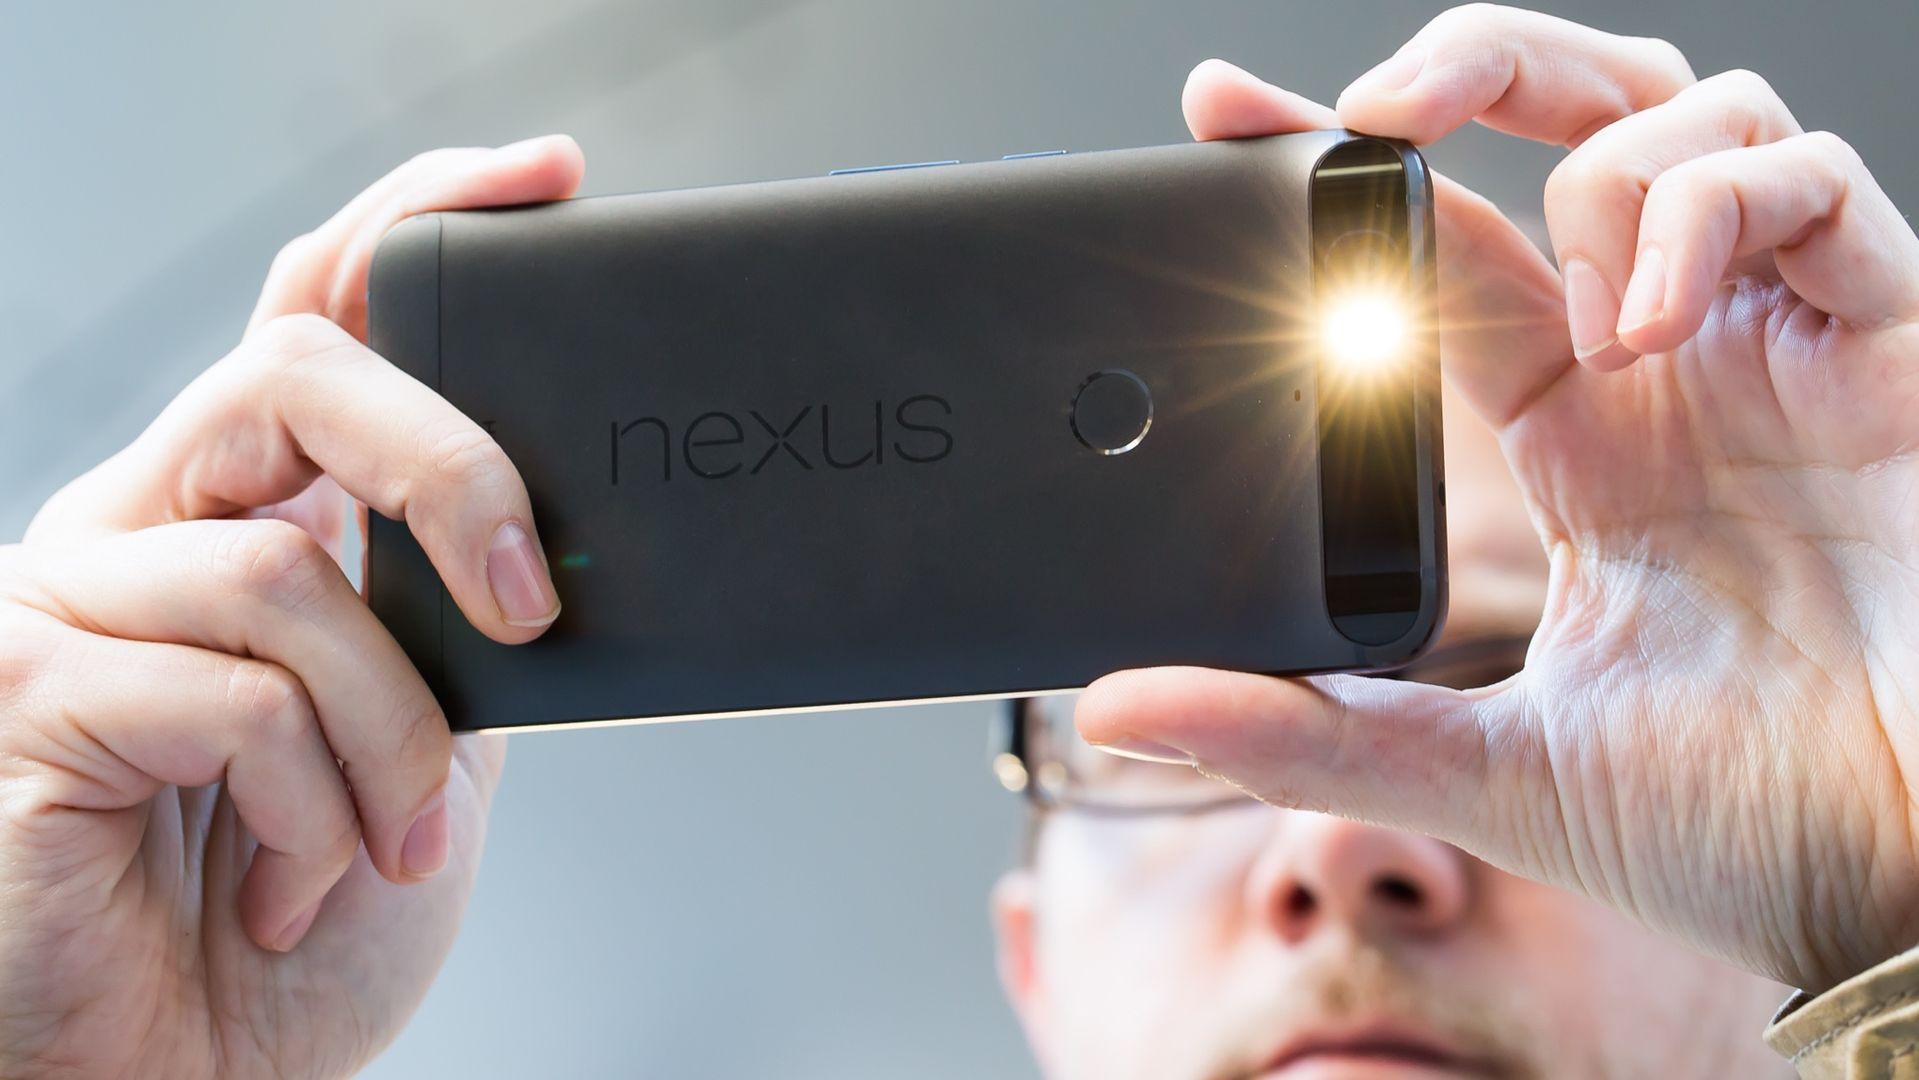 Bending the Nexus 6P is not as easy as it looks